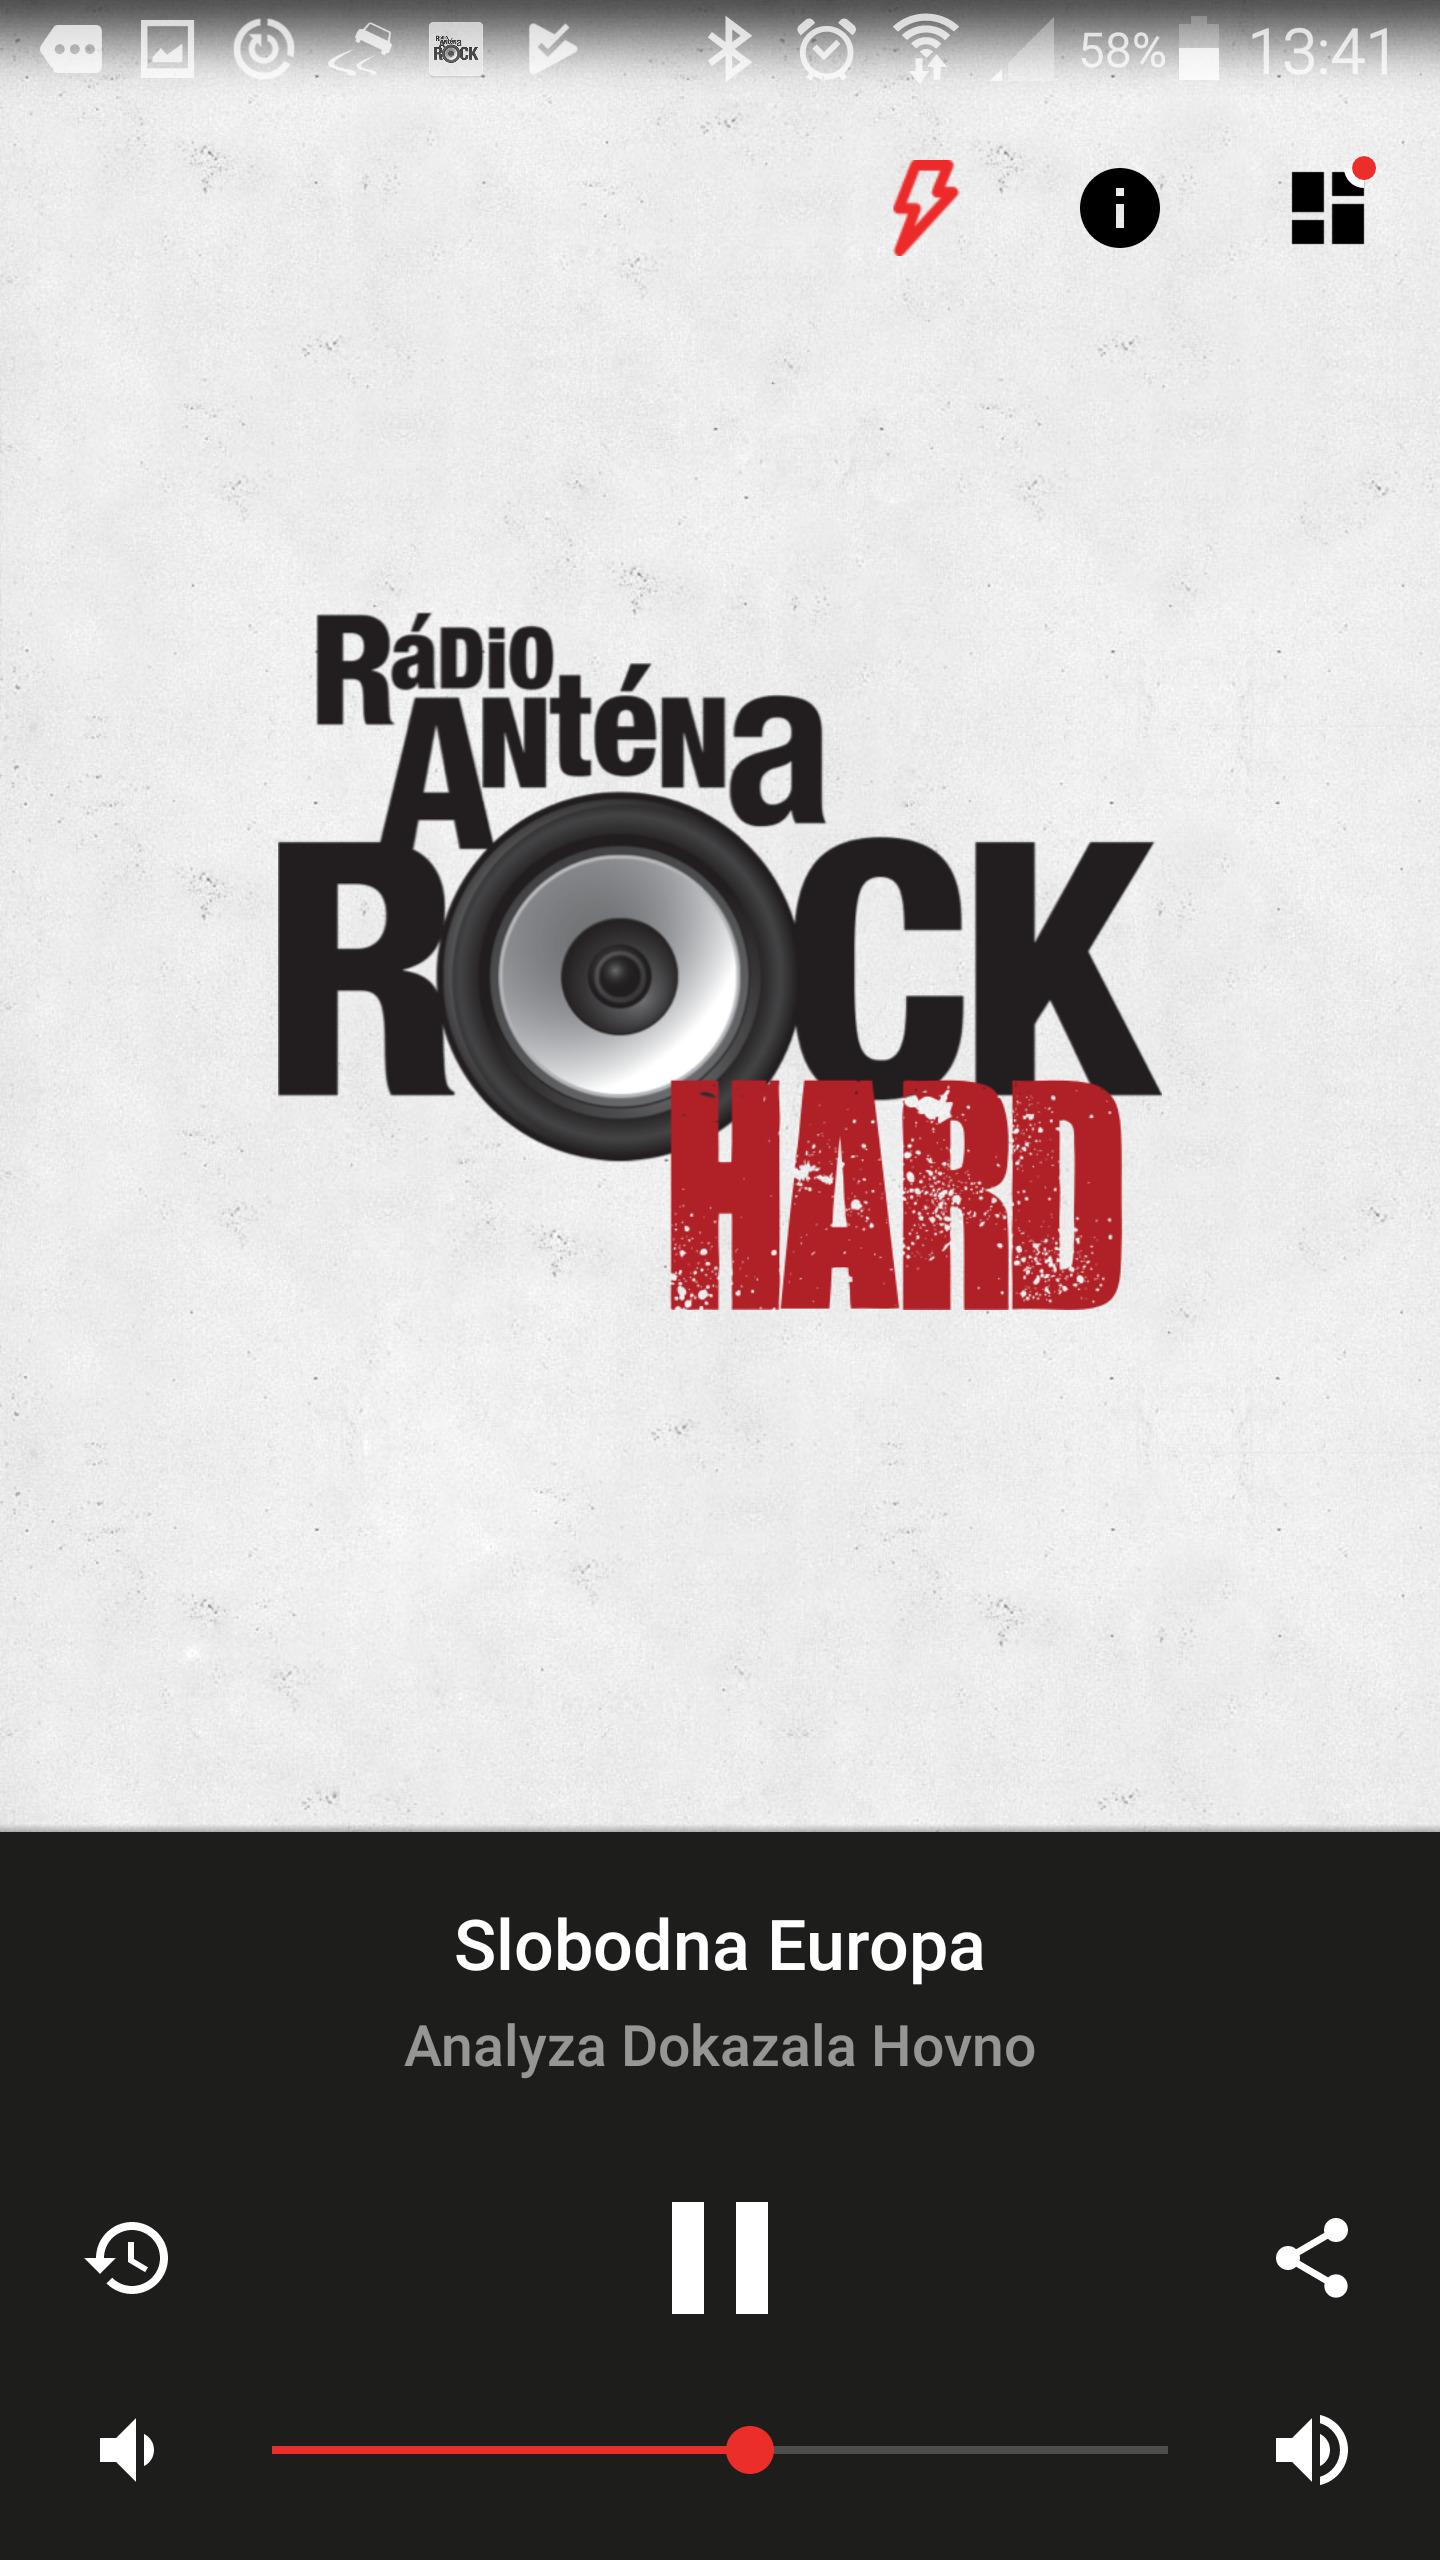 Rádio Anténa Rock 1